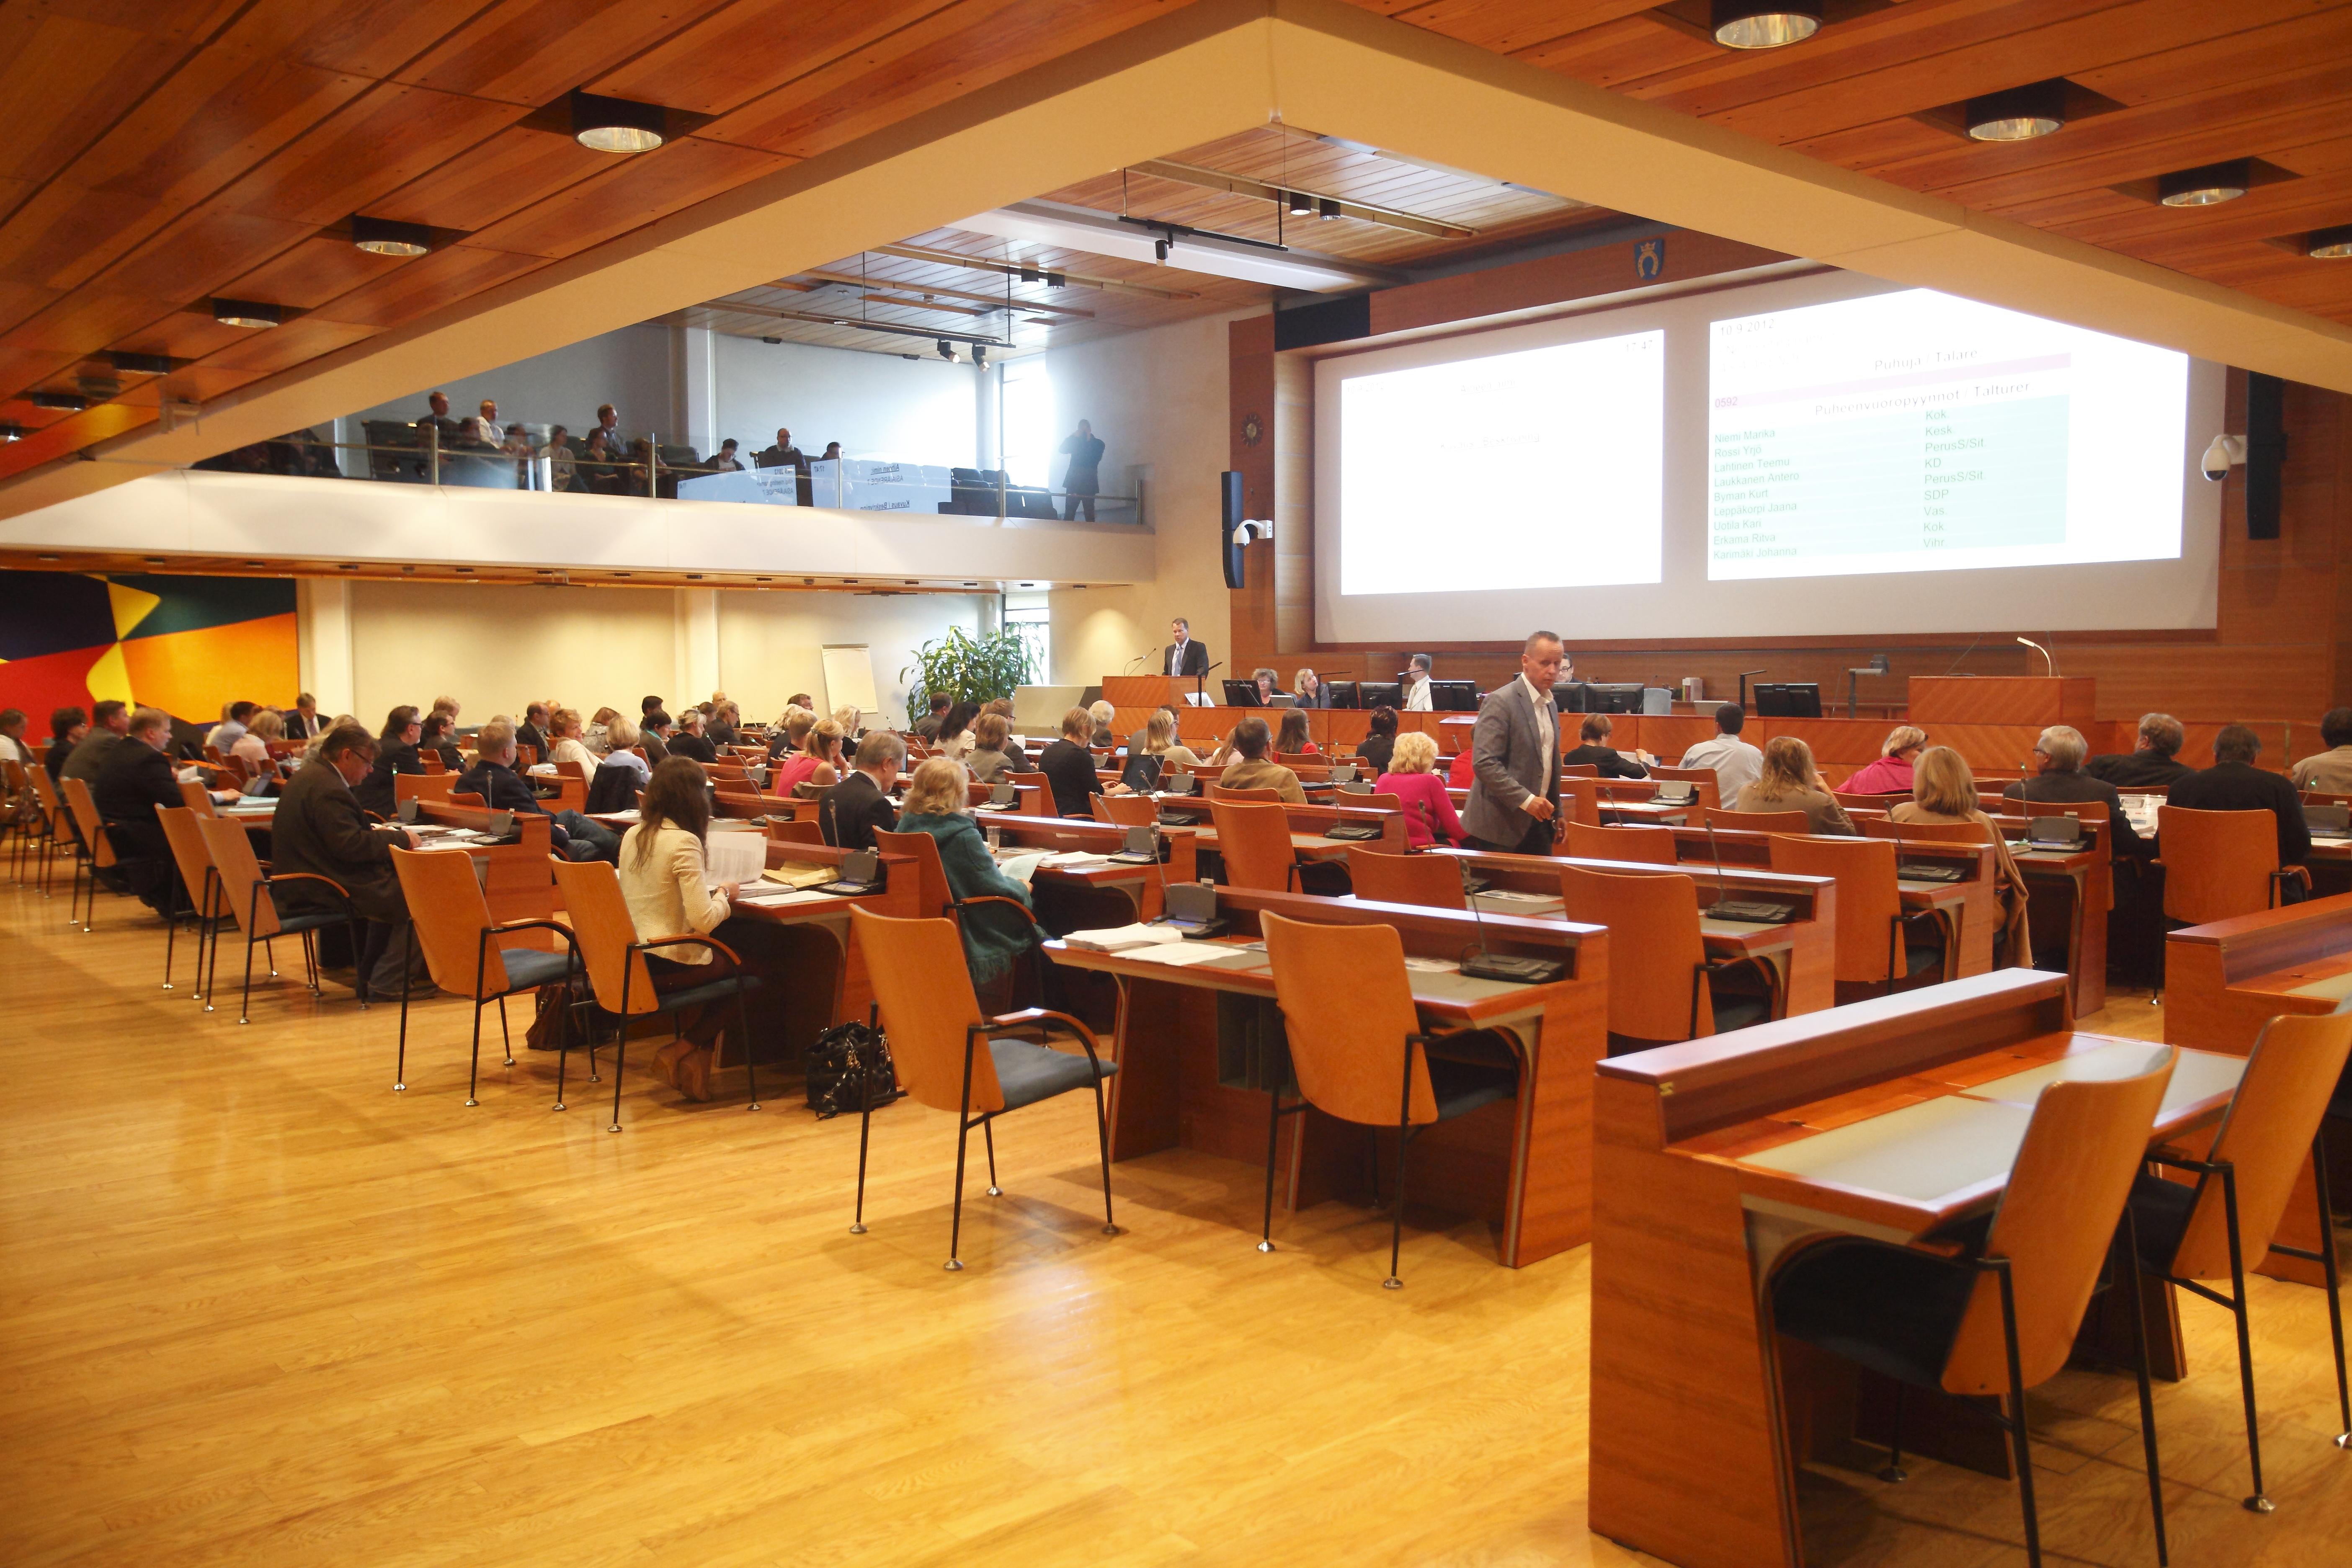 EVAn raportin mukaan valtaosa kansalaisista kokee kunnallisen päätöksenteon etäiseksi. (Kuva: Seppo Haavisto)